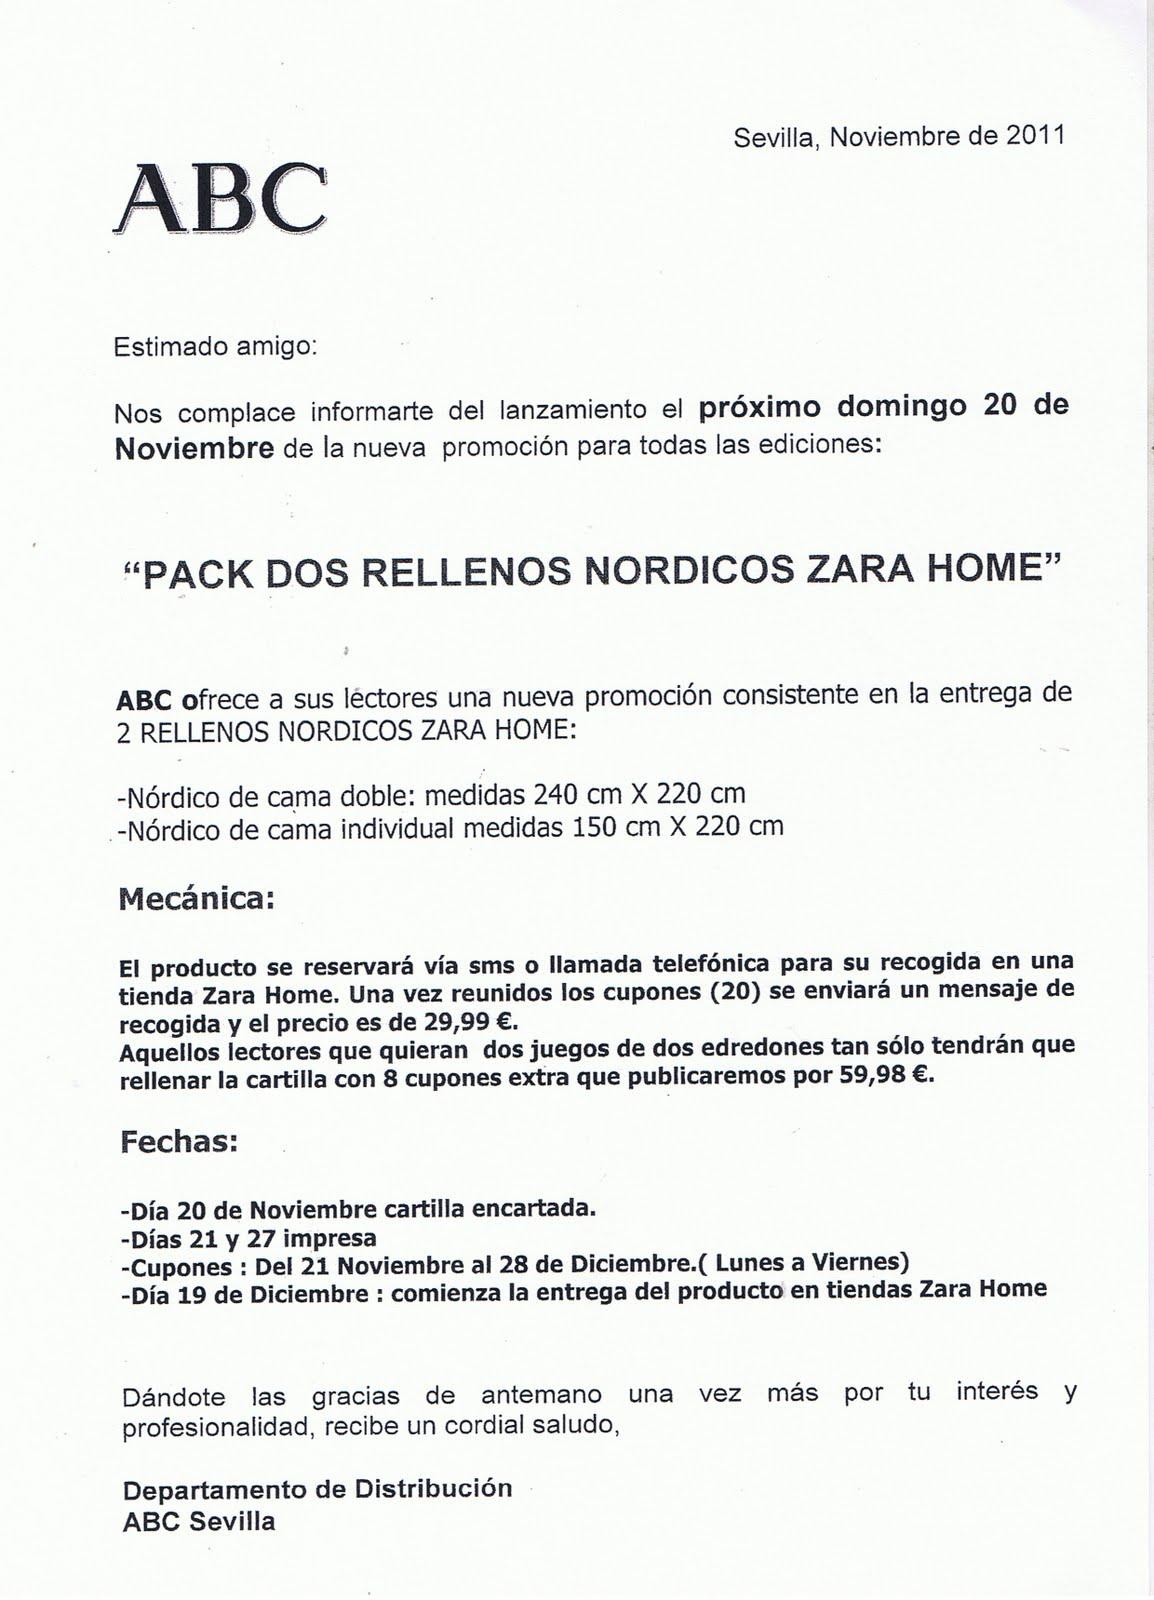 Vendedores de prensa y revistas ciudad de sevilla pack - Zara home sevilla ...